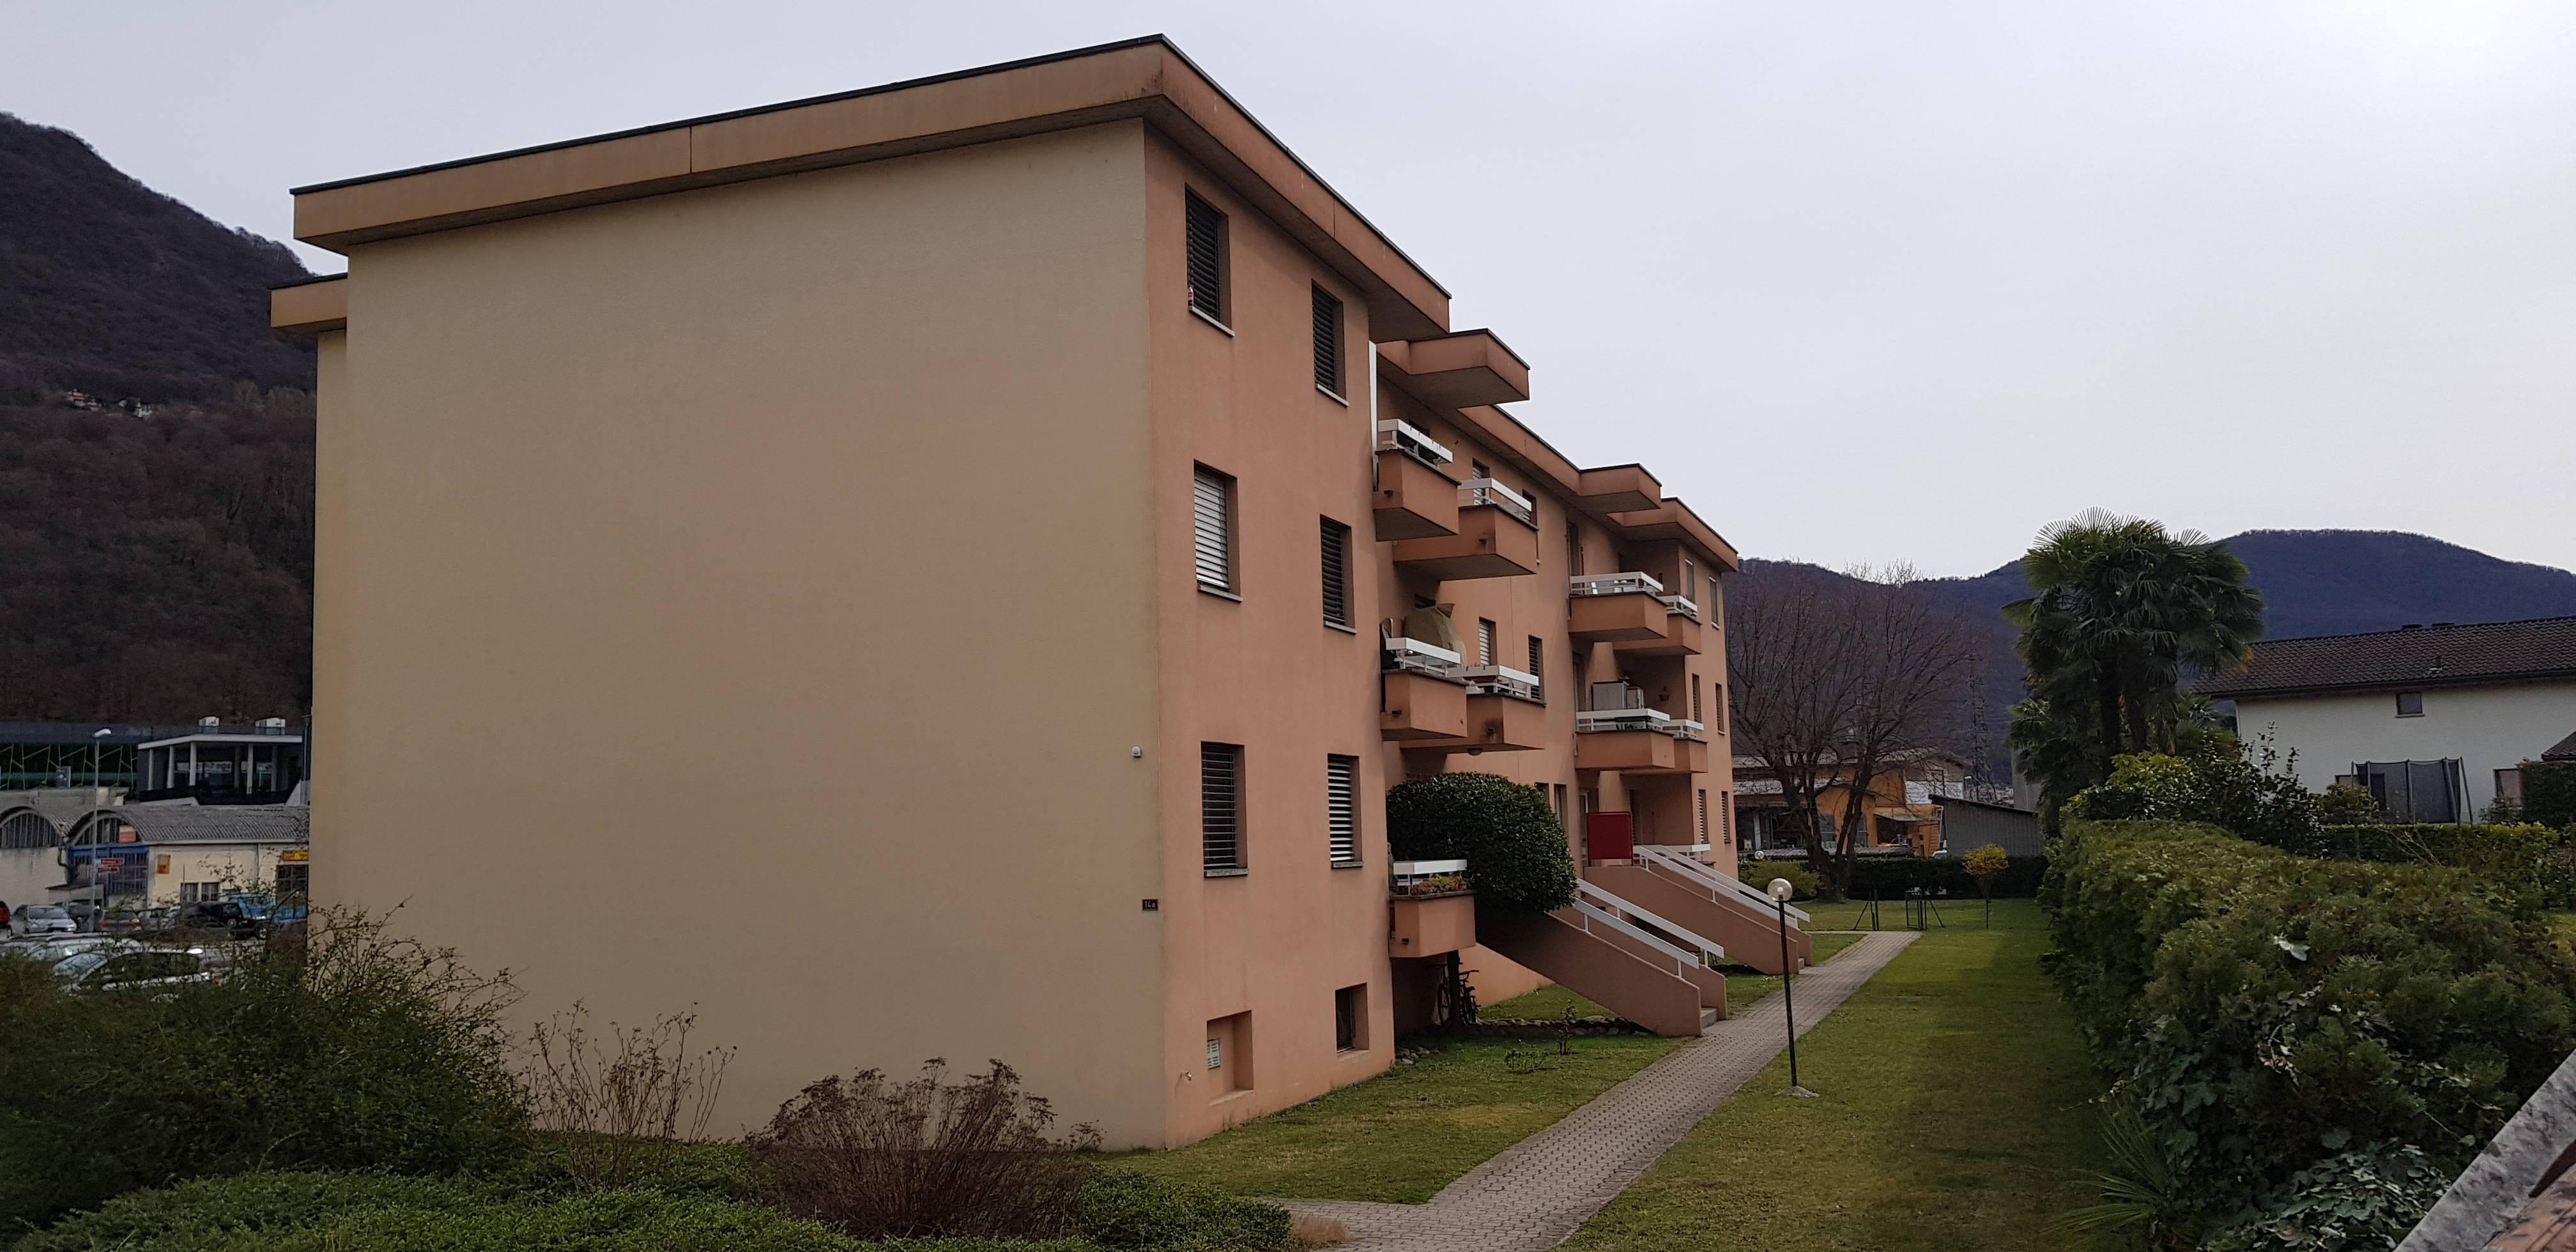 Appartamento 4.5 locali Ideale per Bambini